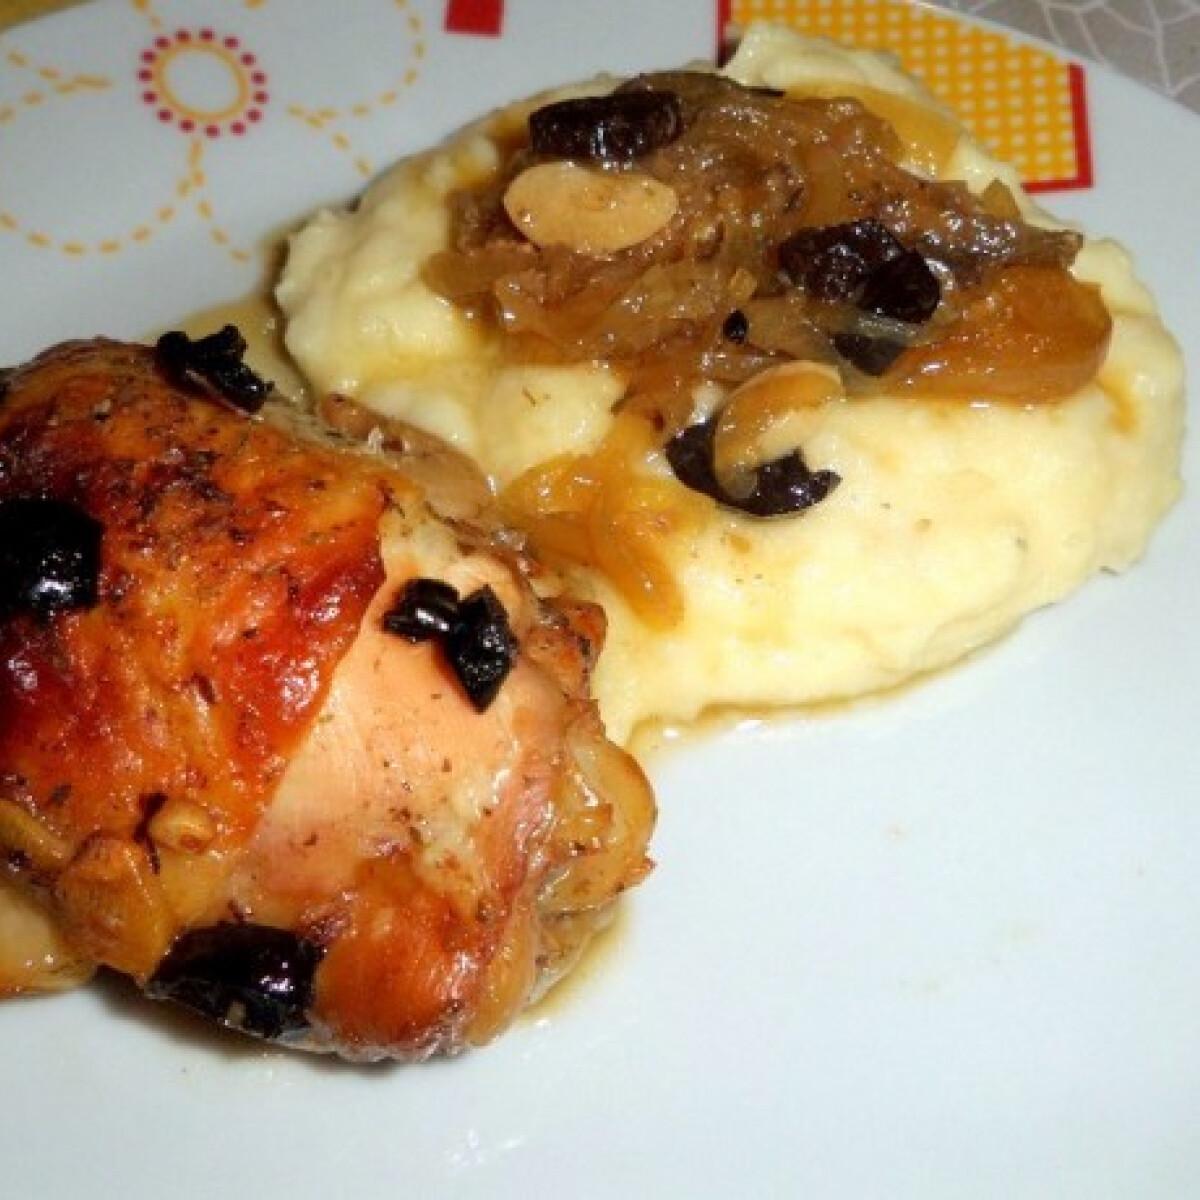 Aszalt szilvás csirkecomb fokhagymás hagymaágyon sütve